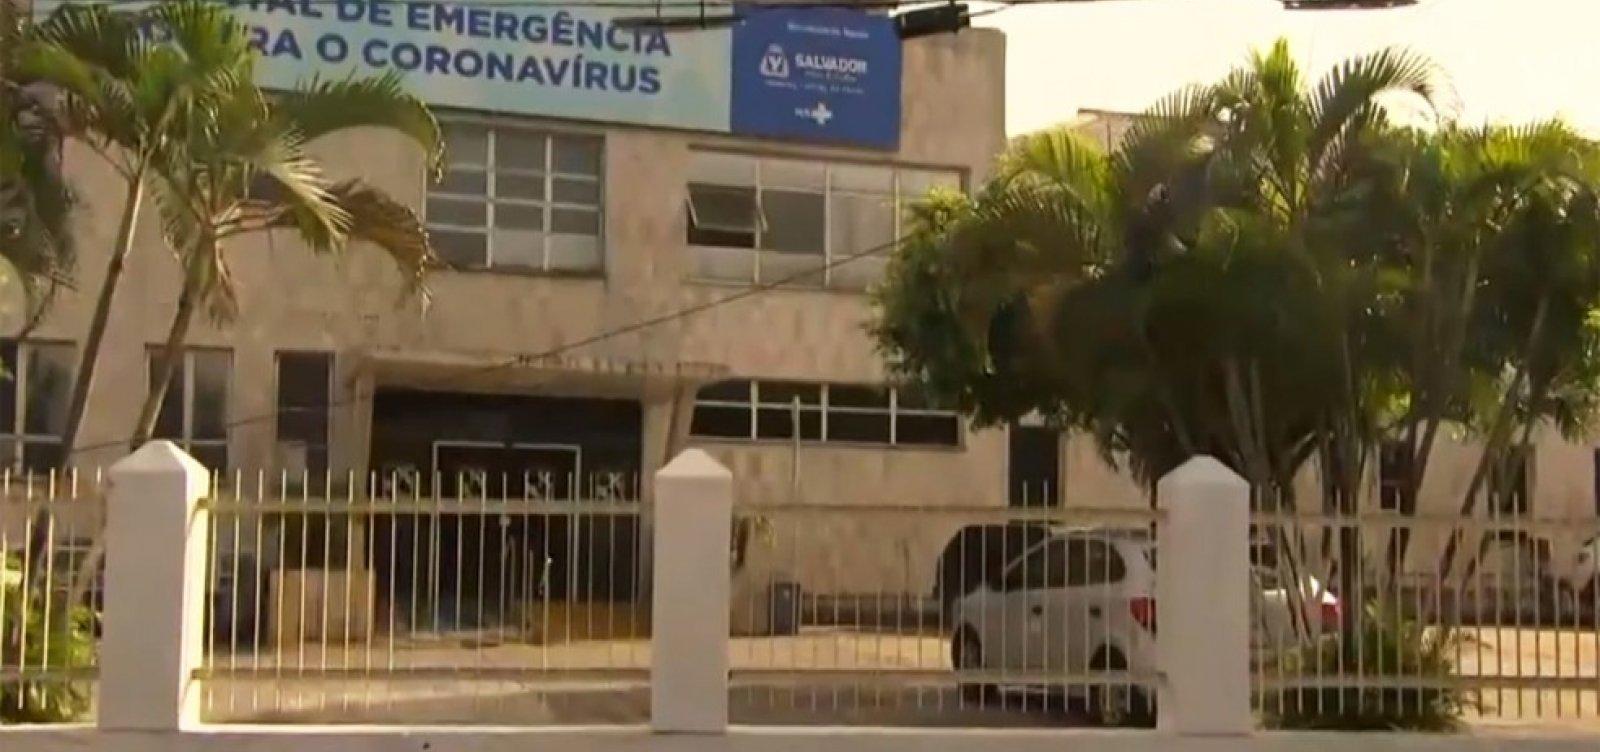 [Covid-19: hospital é inaugurado no bairro de Monte Serrat]